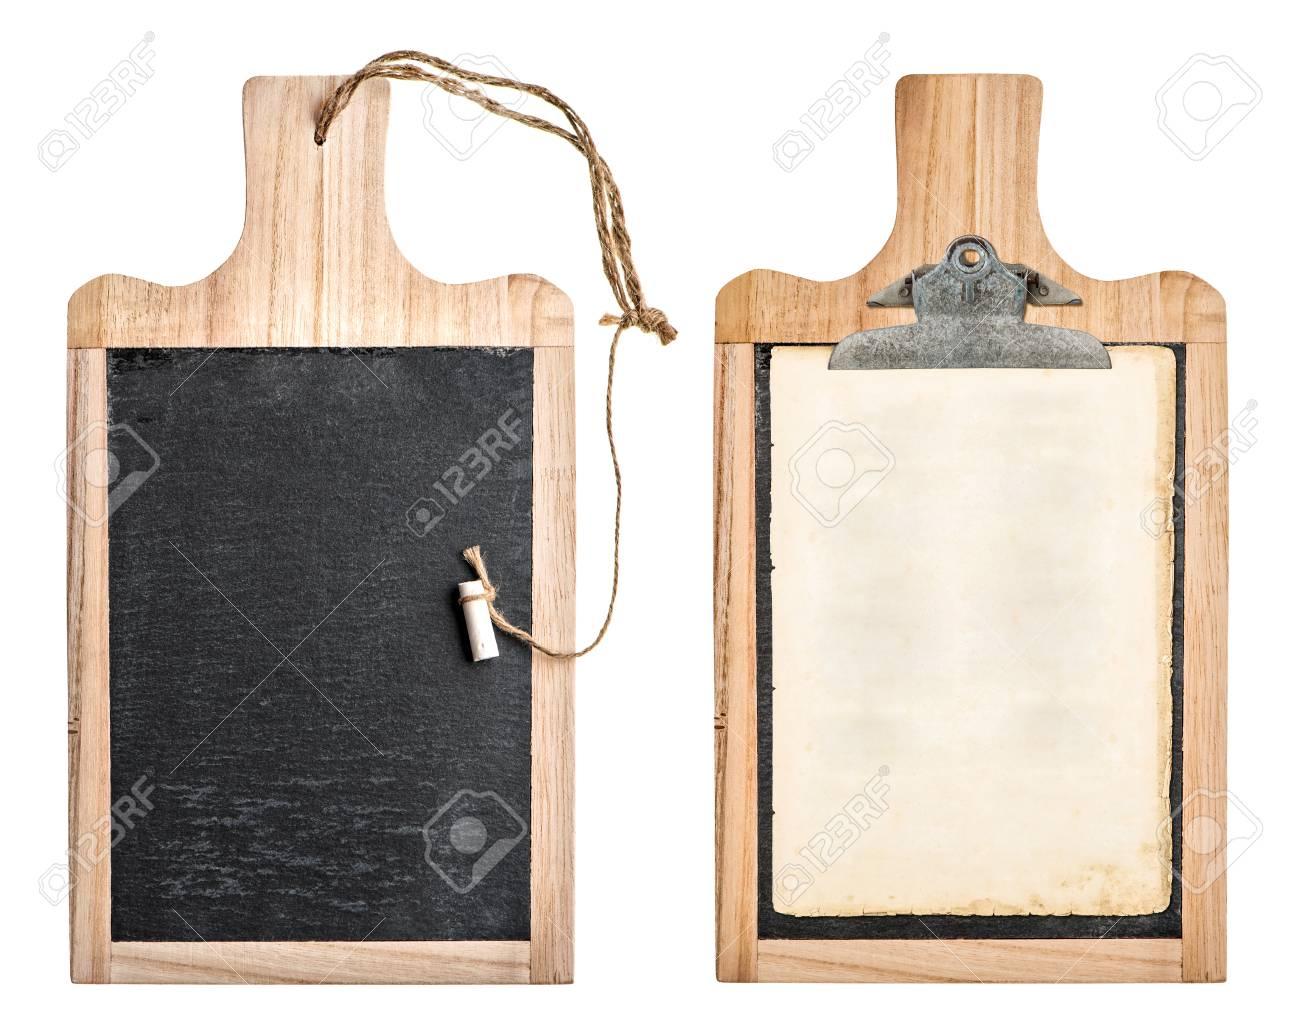 Emejing Lavagna Per Cucina Images - Ridgewayng.com - ridgewayng.com